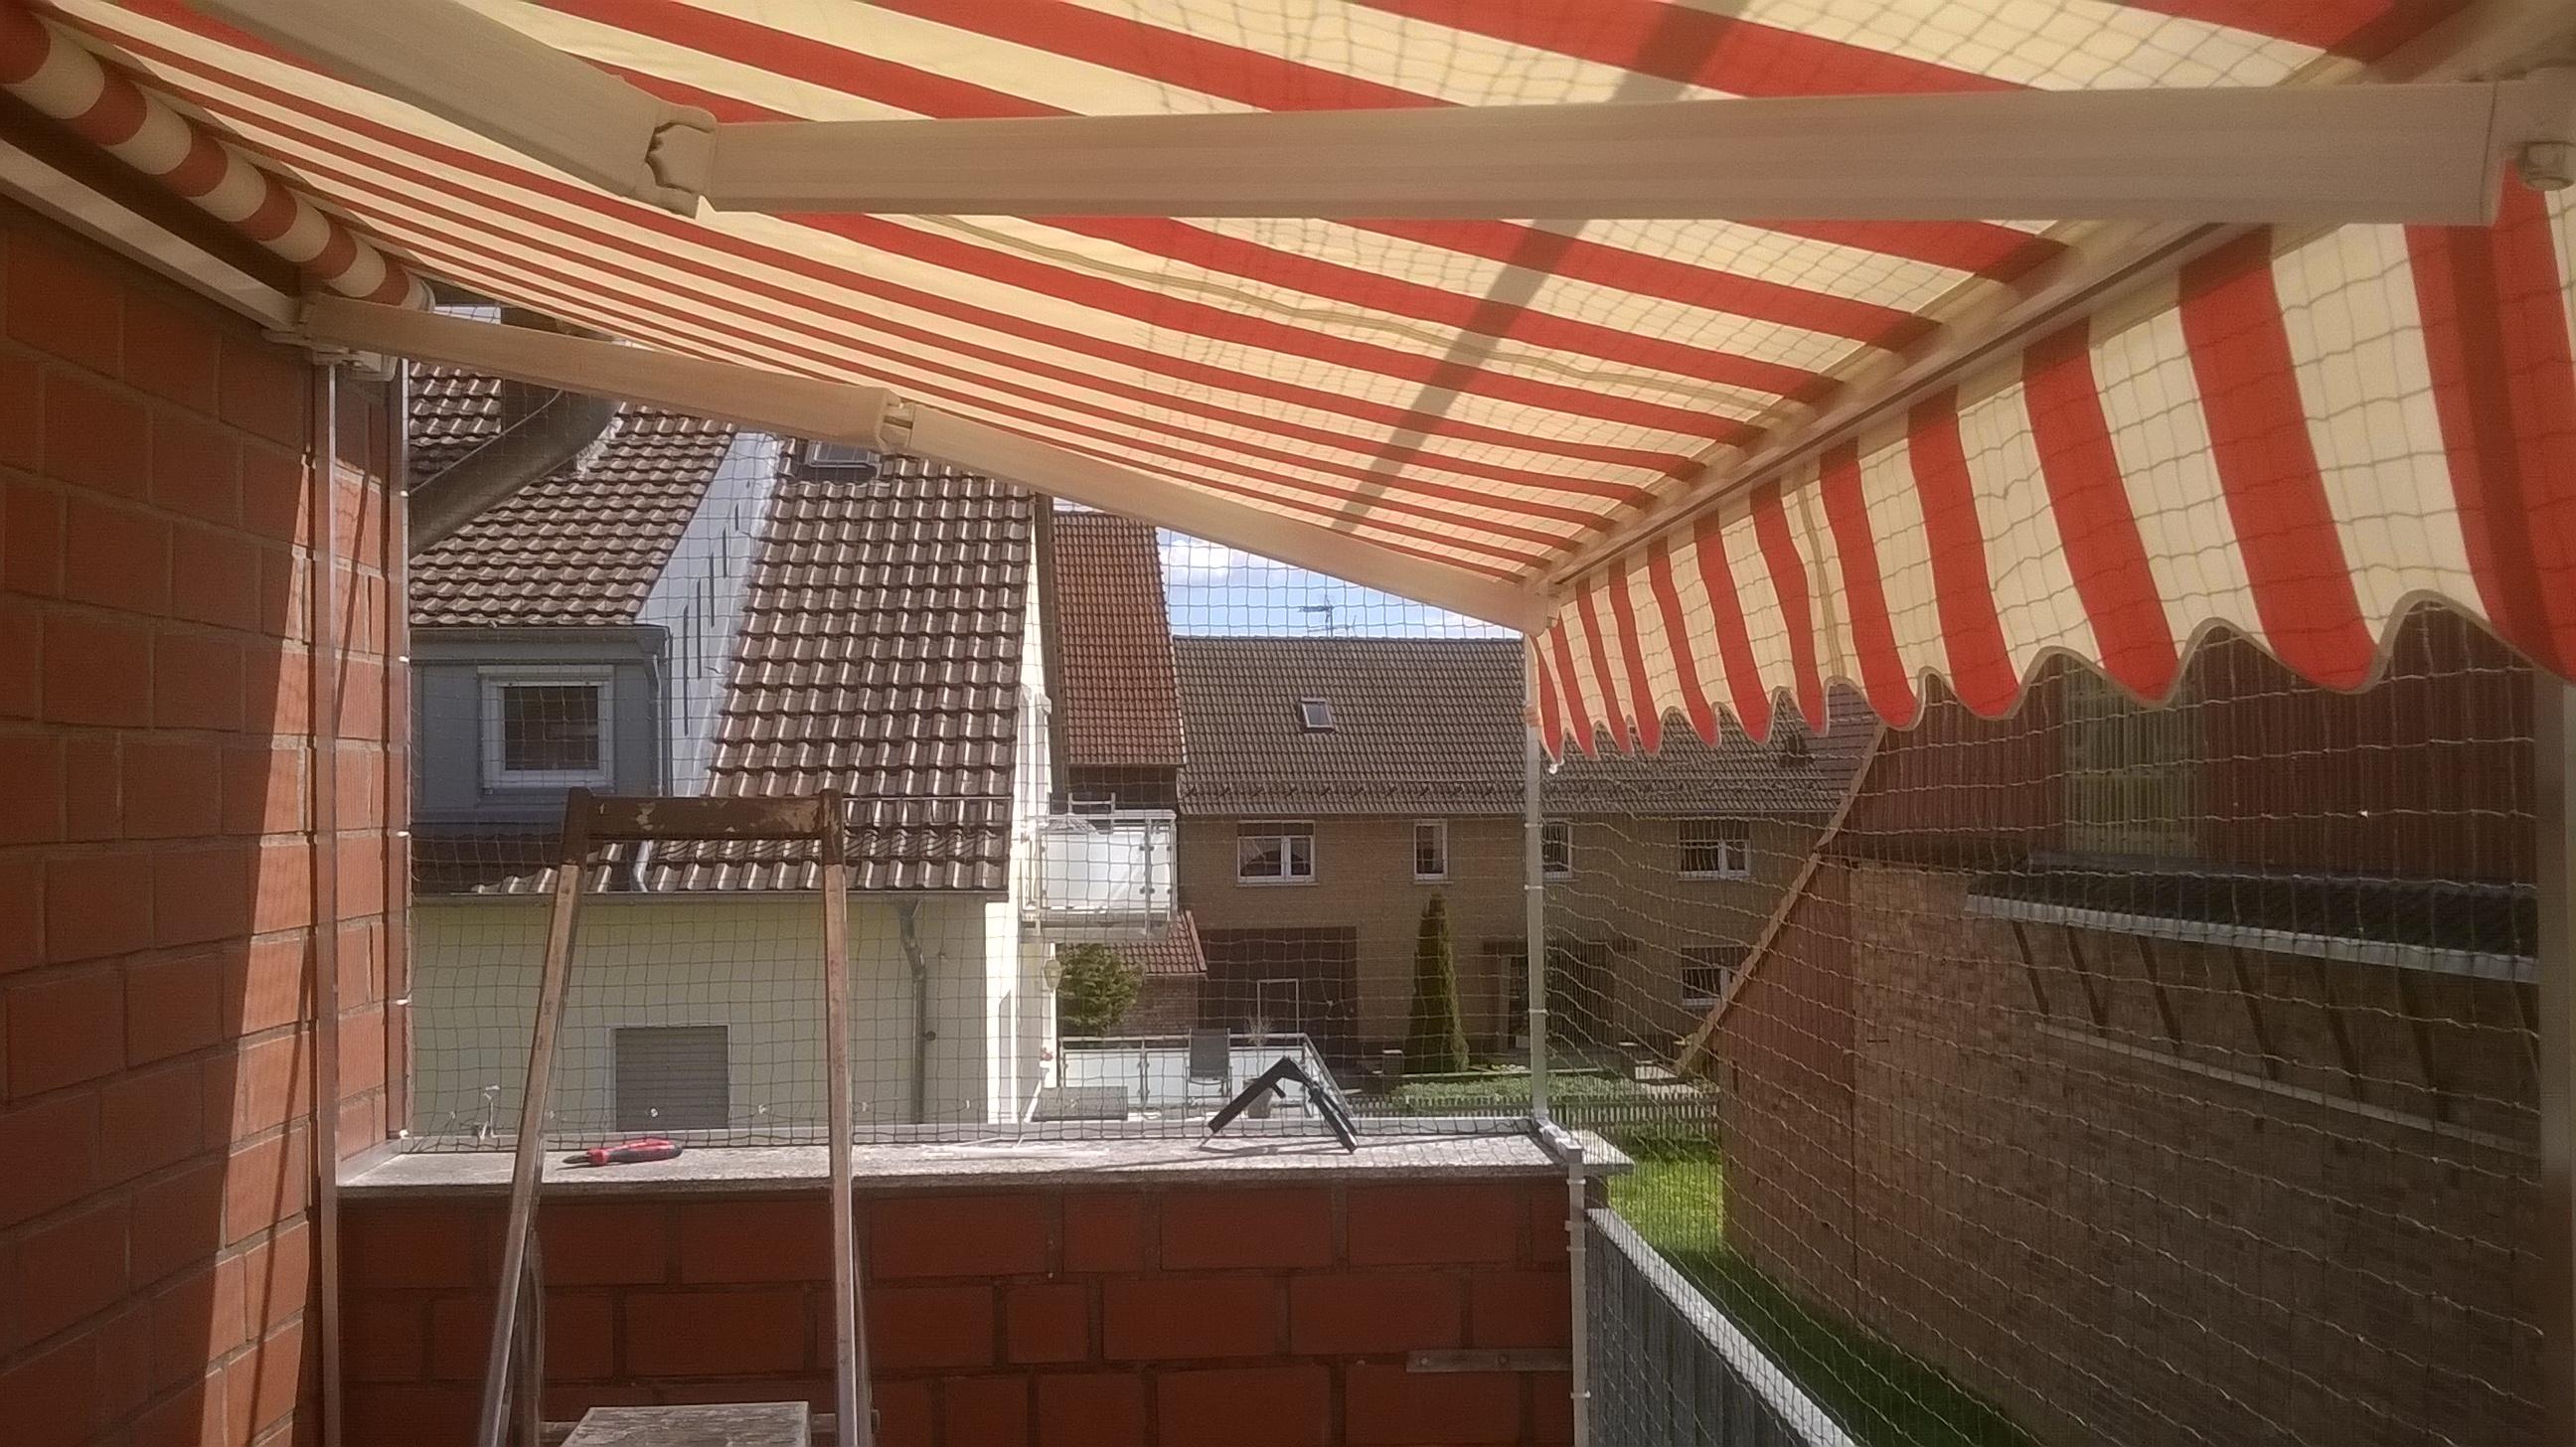 ... Katzennetz_Duderstadt freistehendes Katzennetz für Balkon ohne bohren